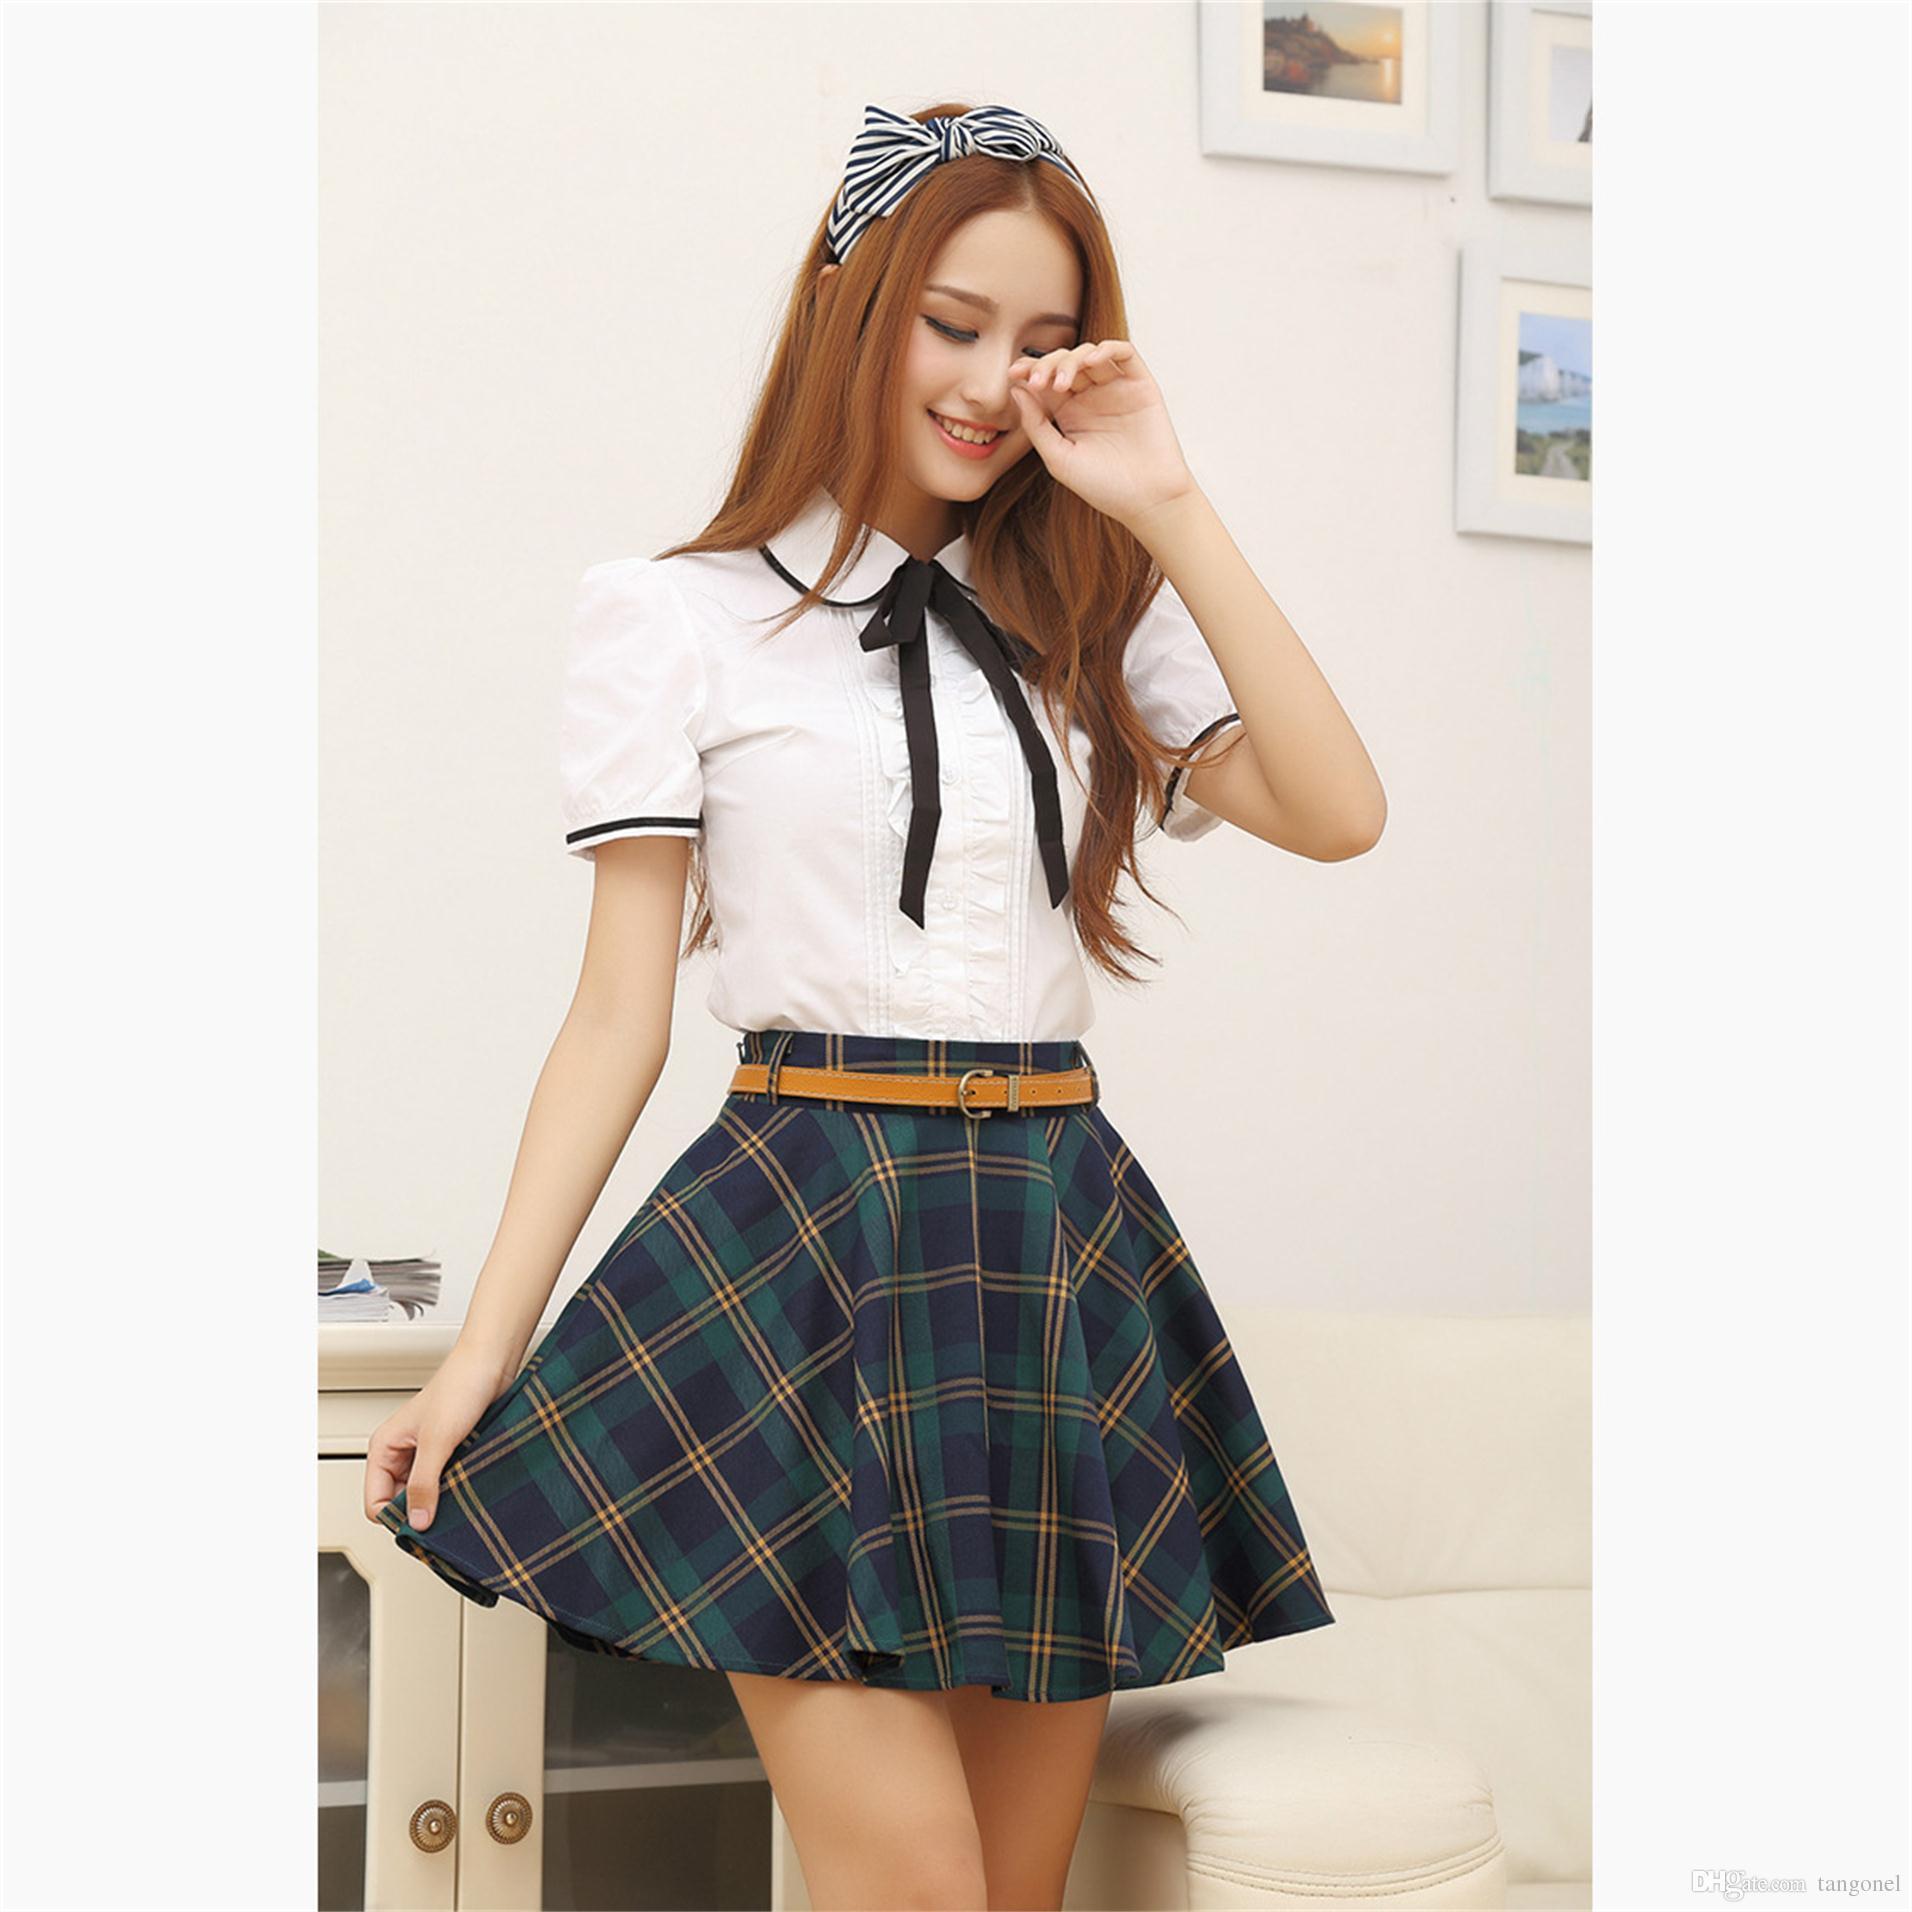 382468a2c6d7c3 Uniforme scolaire fille coréenne Uniforme étudiant coréen Jupe Femmes Coton  Blanc Dentelle Chemise Plaid Jupe Plissée Femme